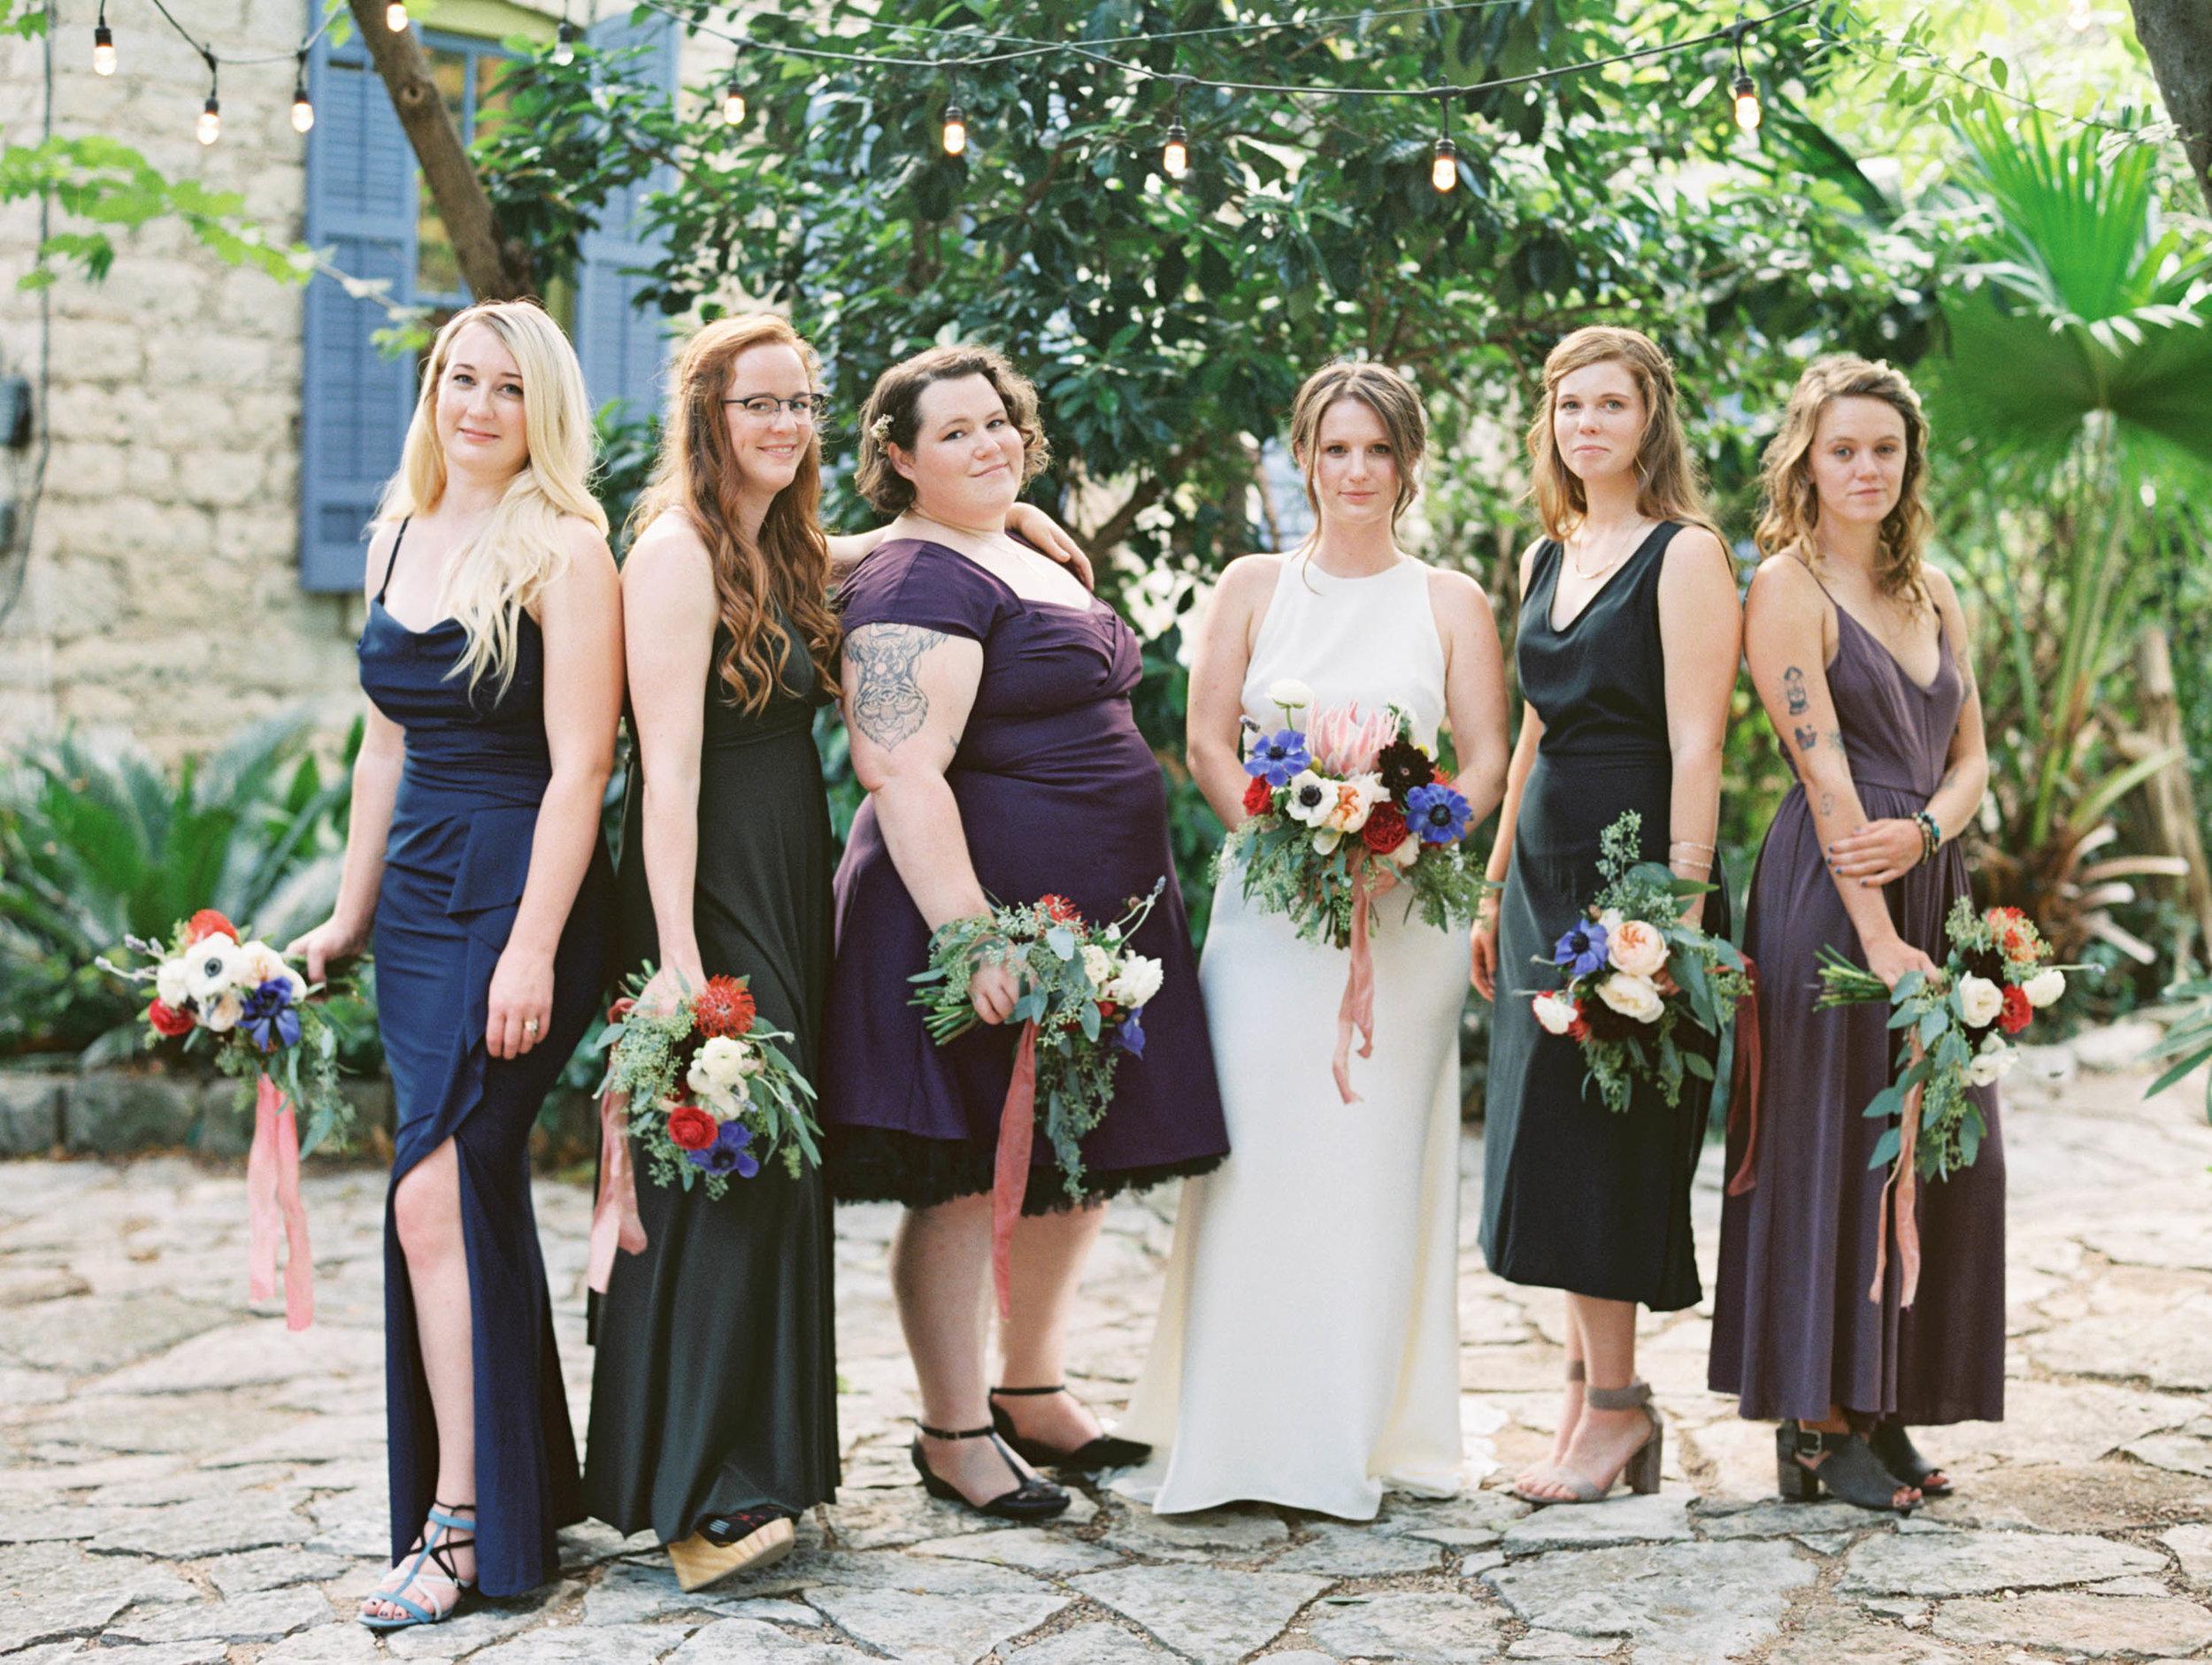 Alex-Kyrany-Wedding-Jennifers-Gardens-141.jpg